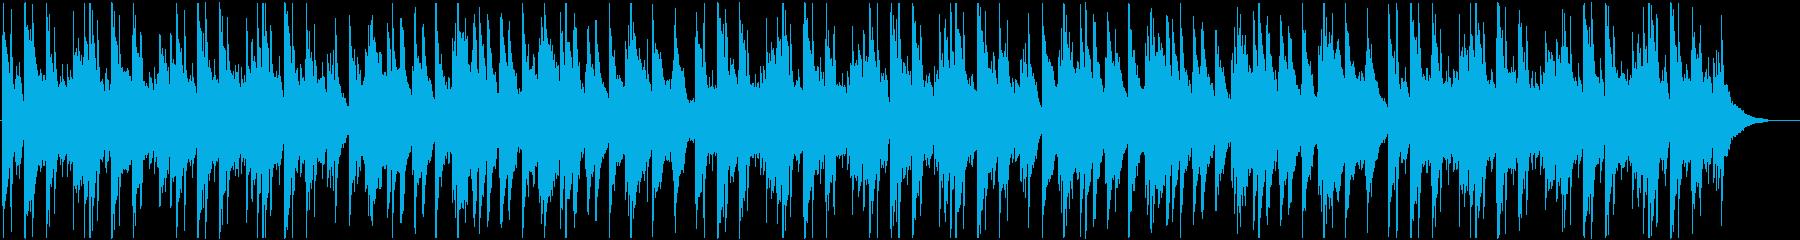 静かで優しいアコースティック曲 aの再生済みの波形